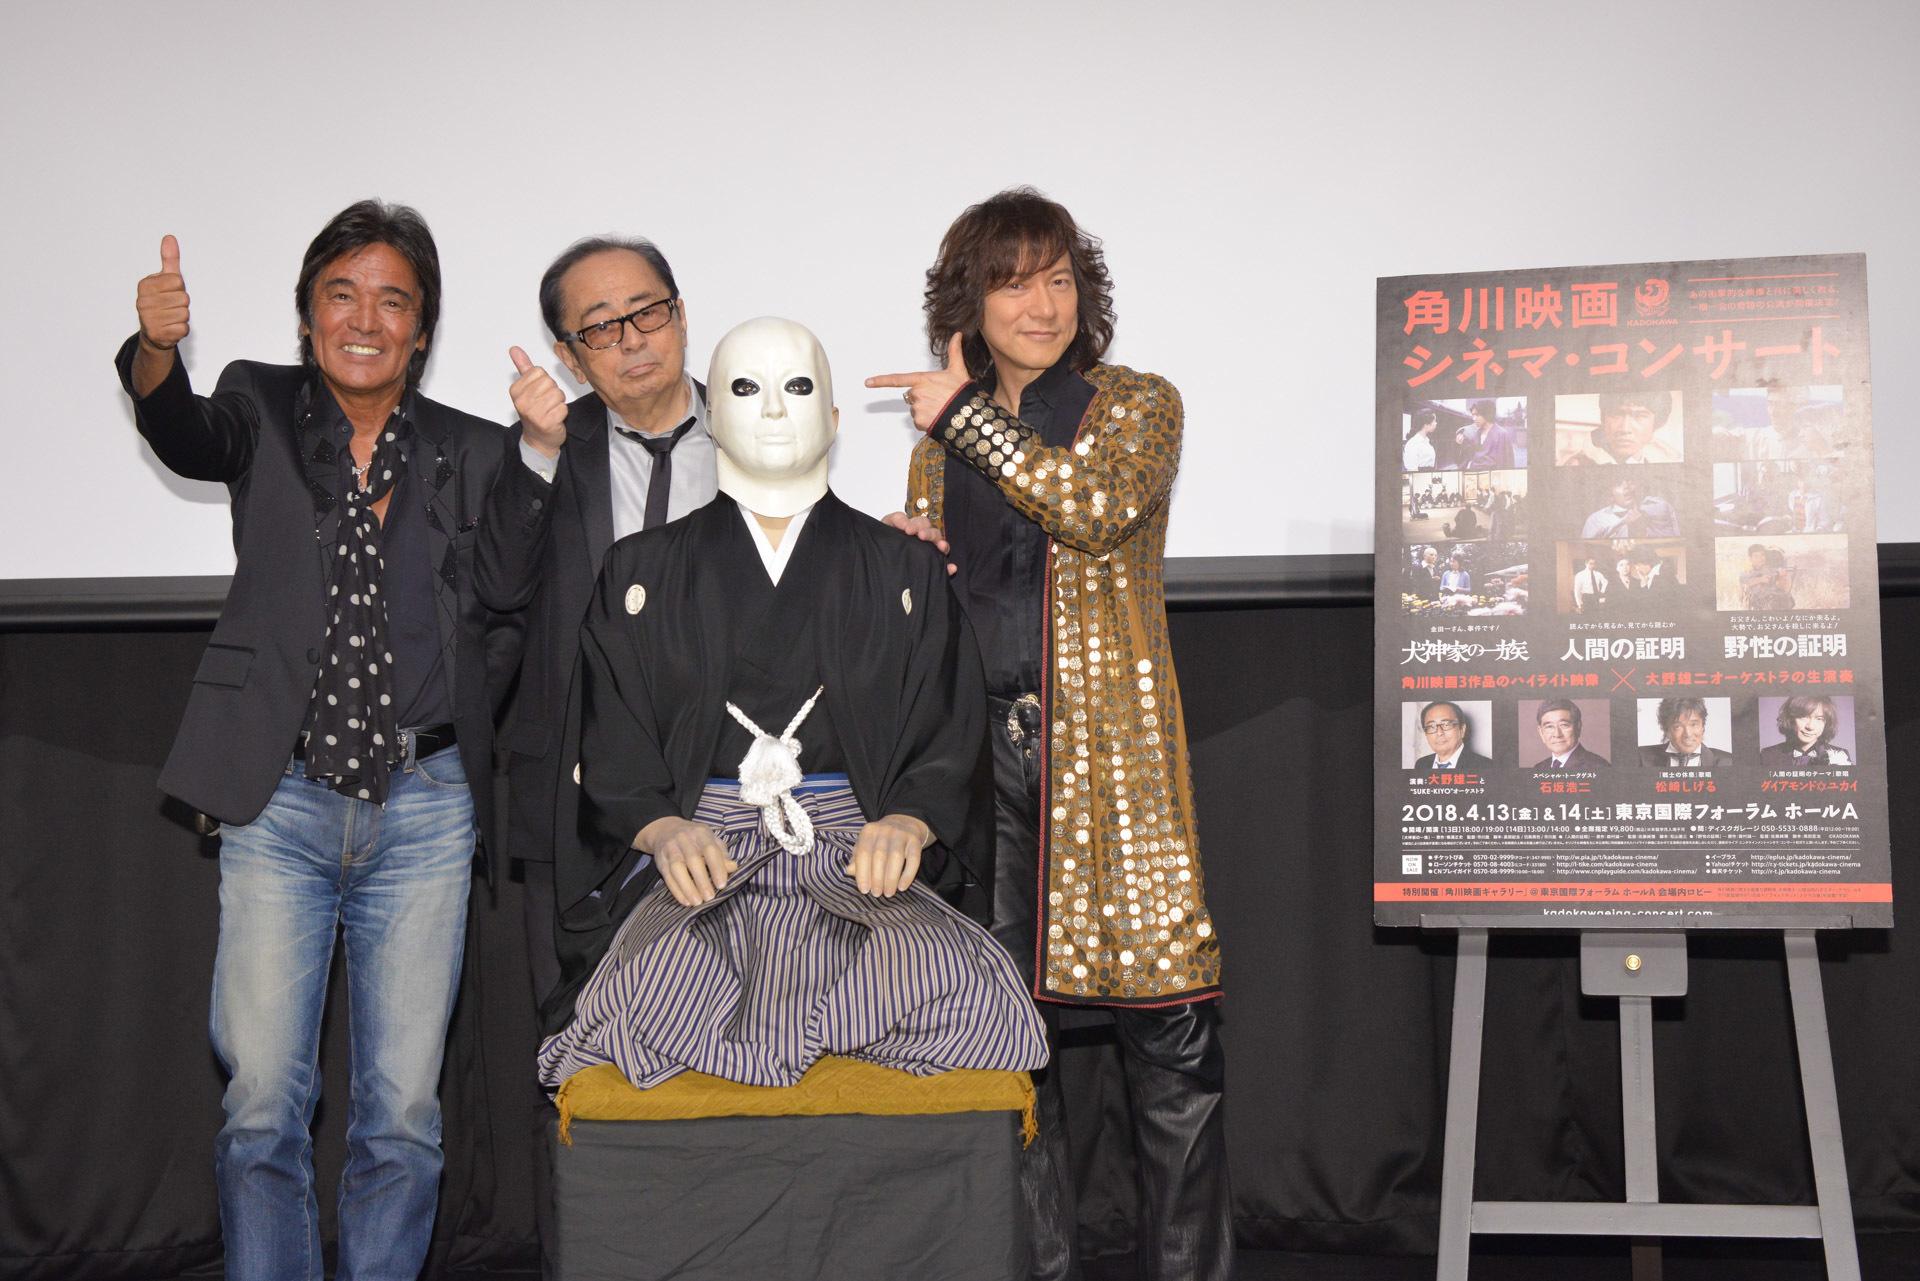 左から、松崎しげる、大野雄二、スケキヨ、ダイアモンド☆ユカイ ※ダイアモンド☆ユカイの名前の☆は、六芒星が正式表記。 写真:木場 ヨシヒト